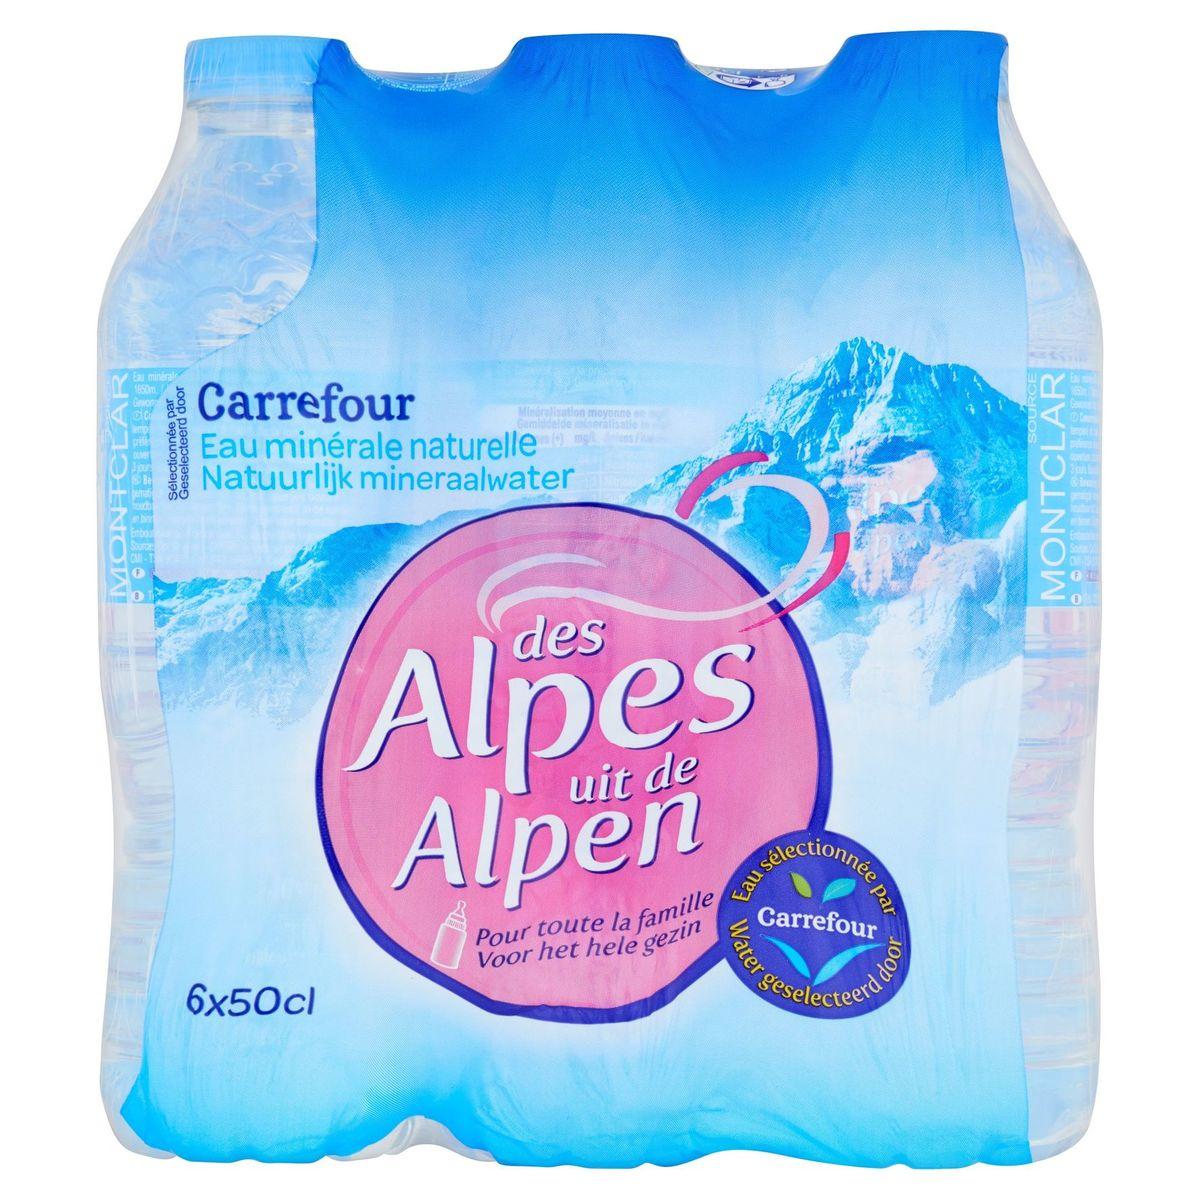 Carrefour Eau Minérale Naturelle des Alpes 6 x 50 cl